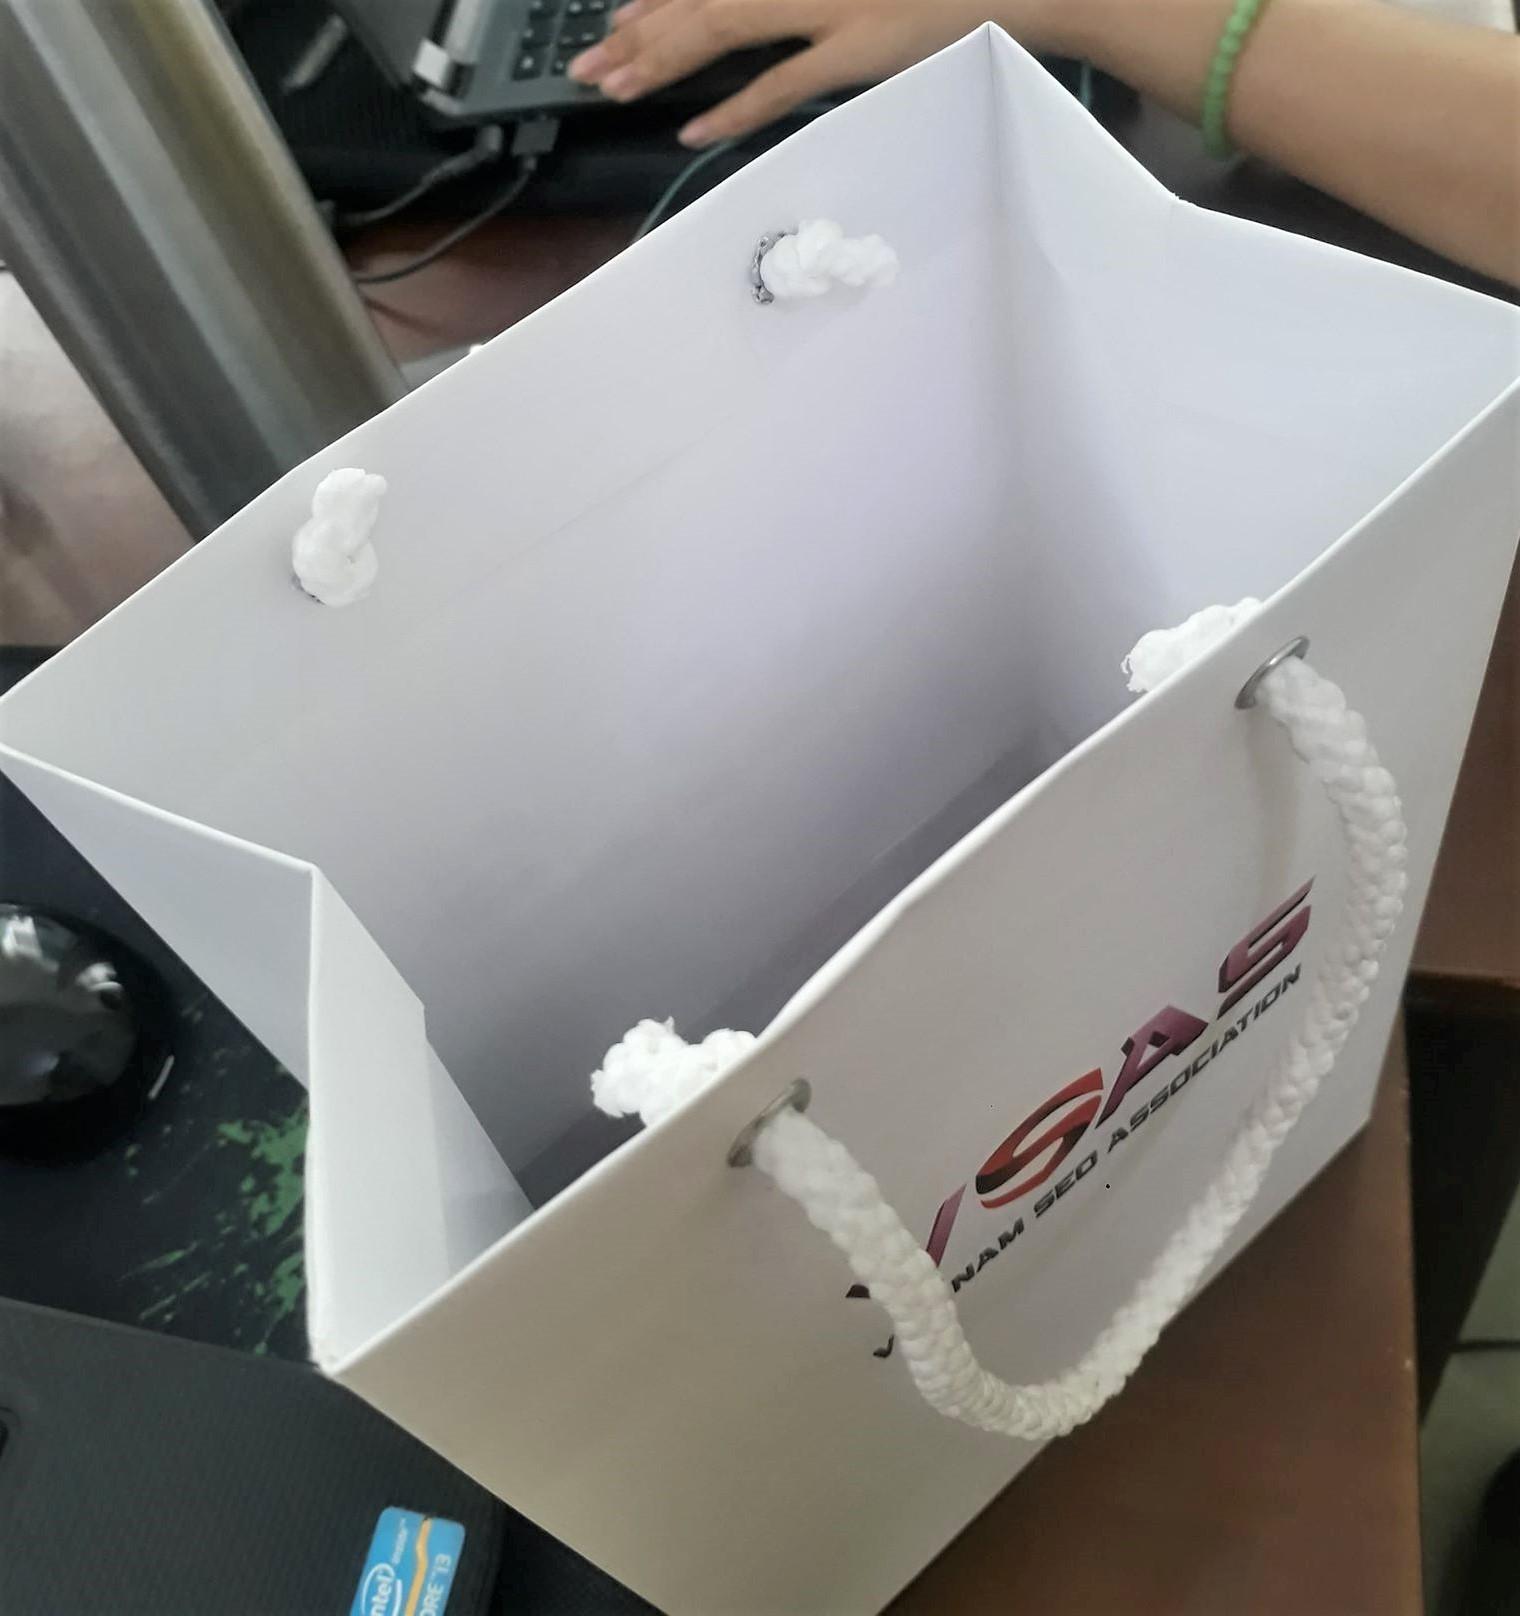 Đóng khoen túi giấy là khâu gia công giúp túi giấy khó rách khi xách